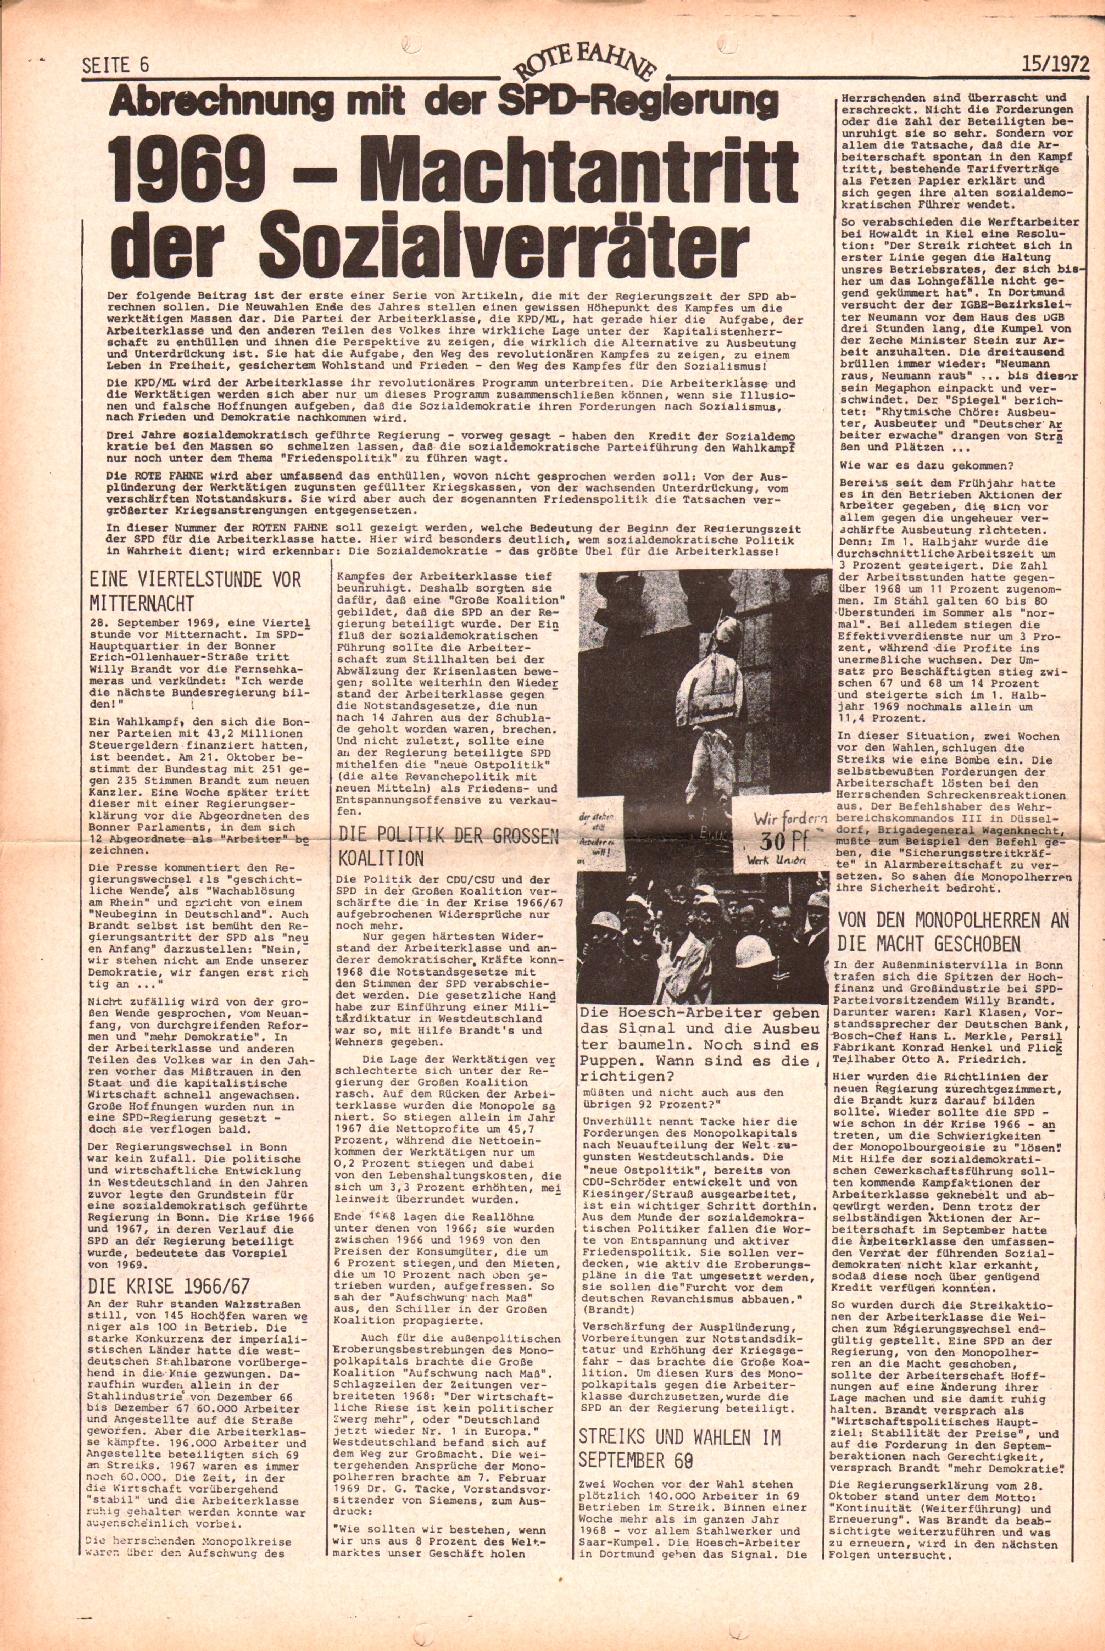 Rote Fahne, 3. Jg., 24.7.1972, Nr. 15, Seite 6